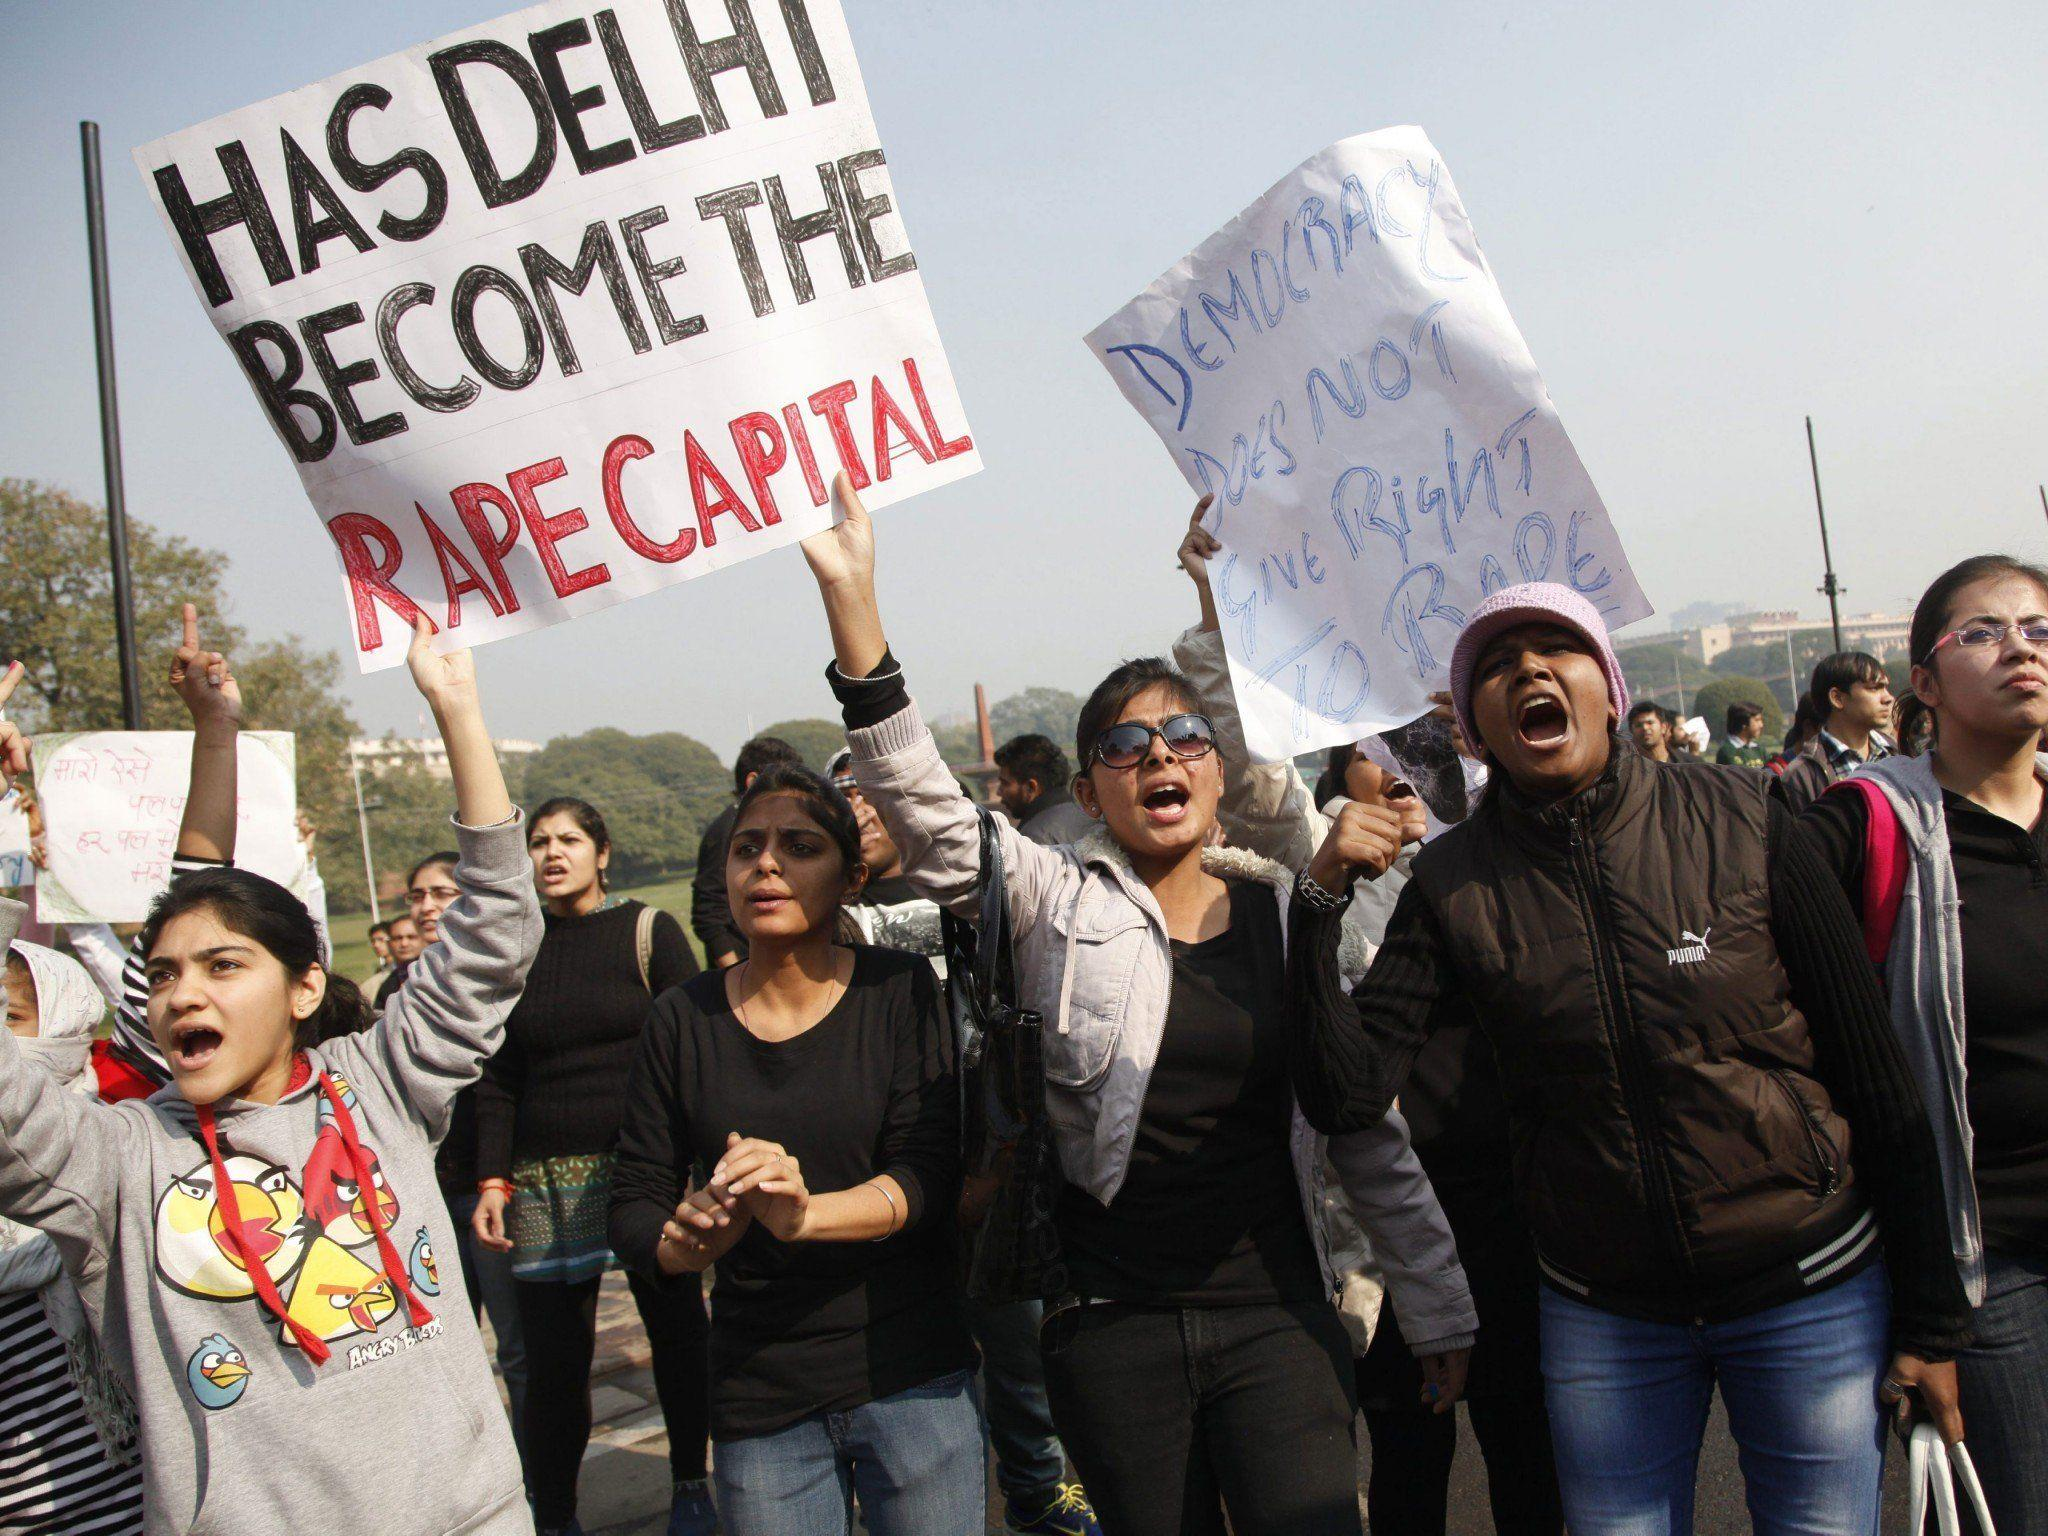 Seit der Gruppenvergewaltigung im Dezember berichten die indischen Medien ausführlicher über Sexualstraftaten.